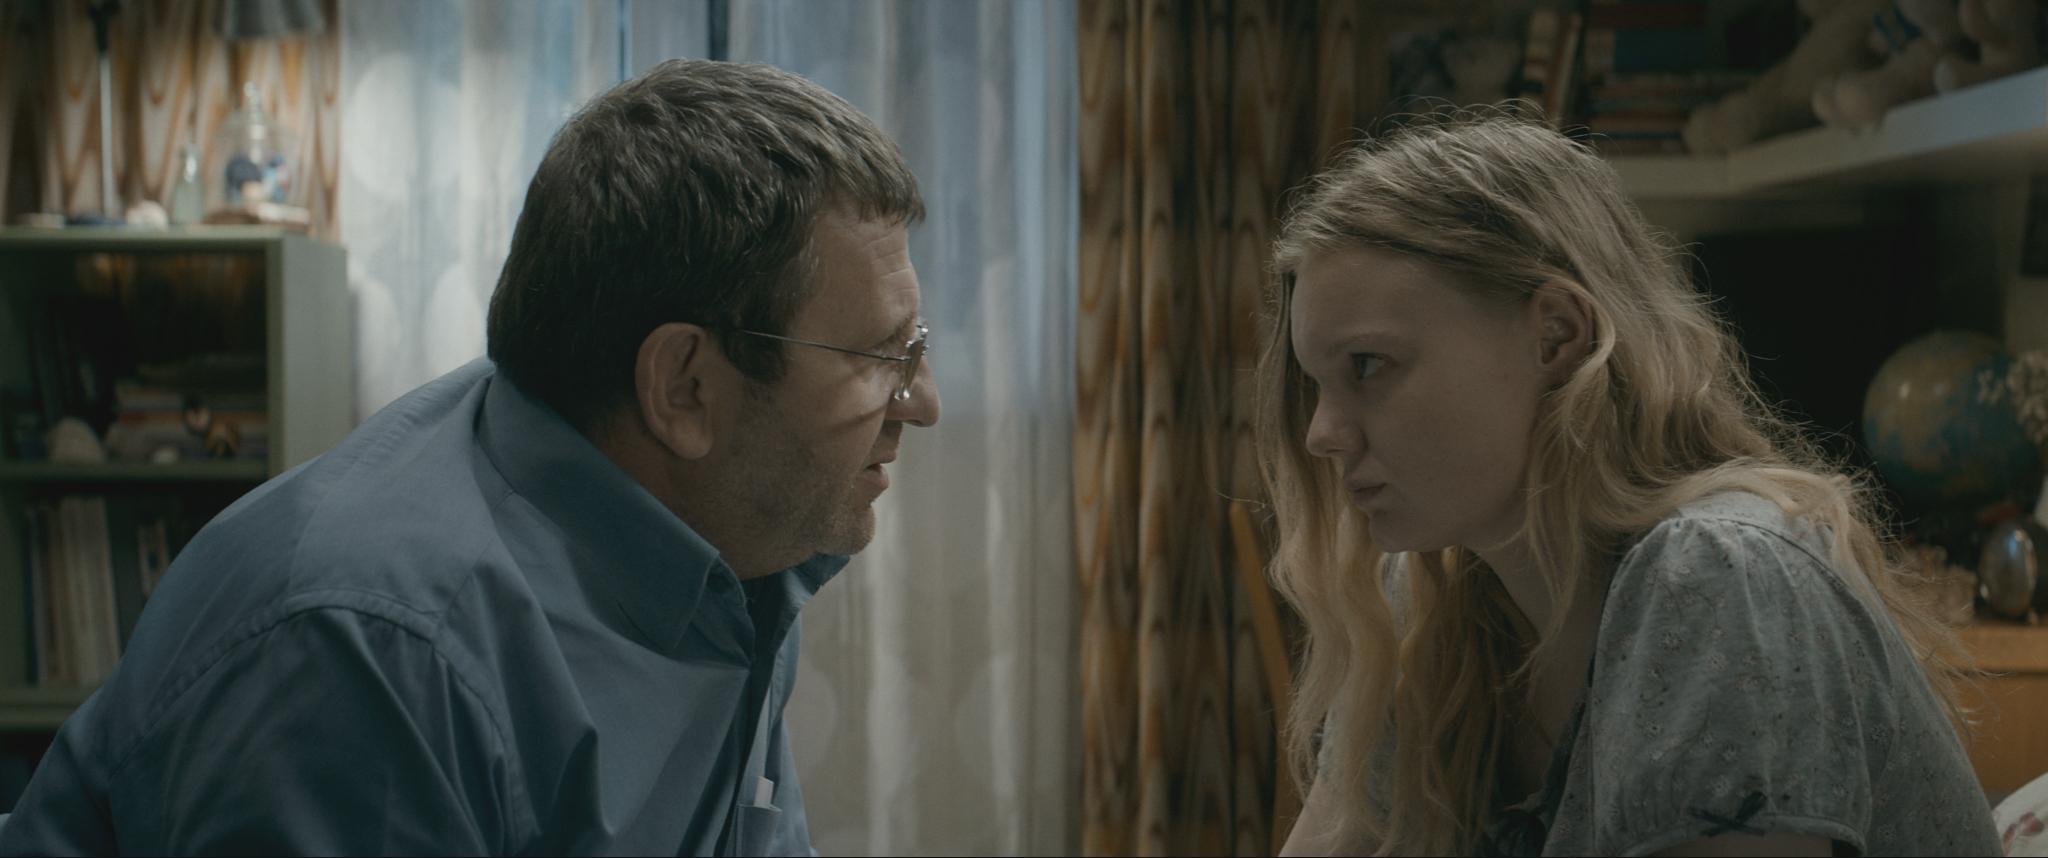 Faren (Adrian Titieni) forsøker å få datteren (Maria-Victoria Dragus) til å emigrere til England.